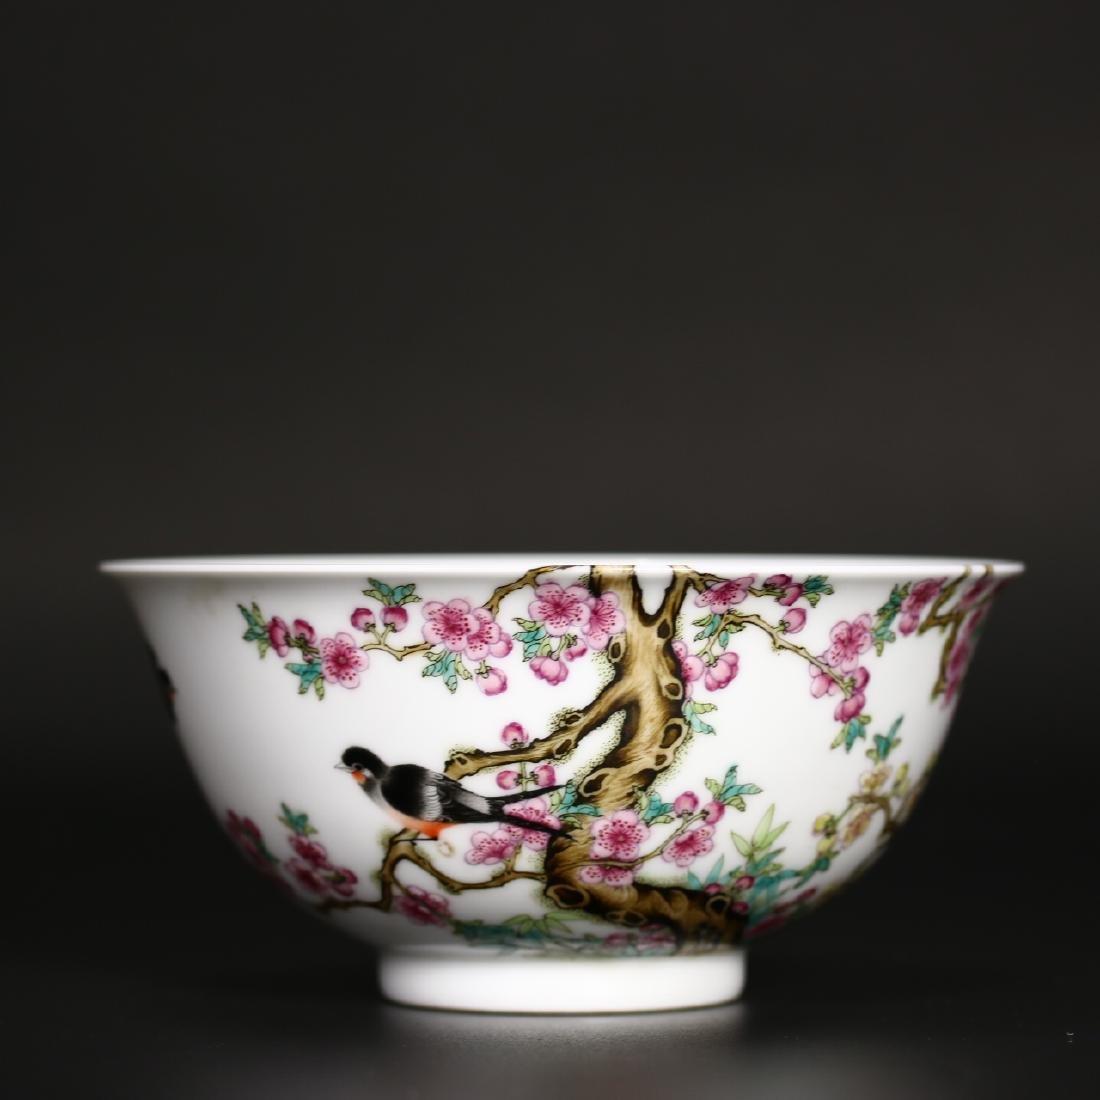 YongZheng Mark, An Enamel Porcelain Bowl